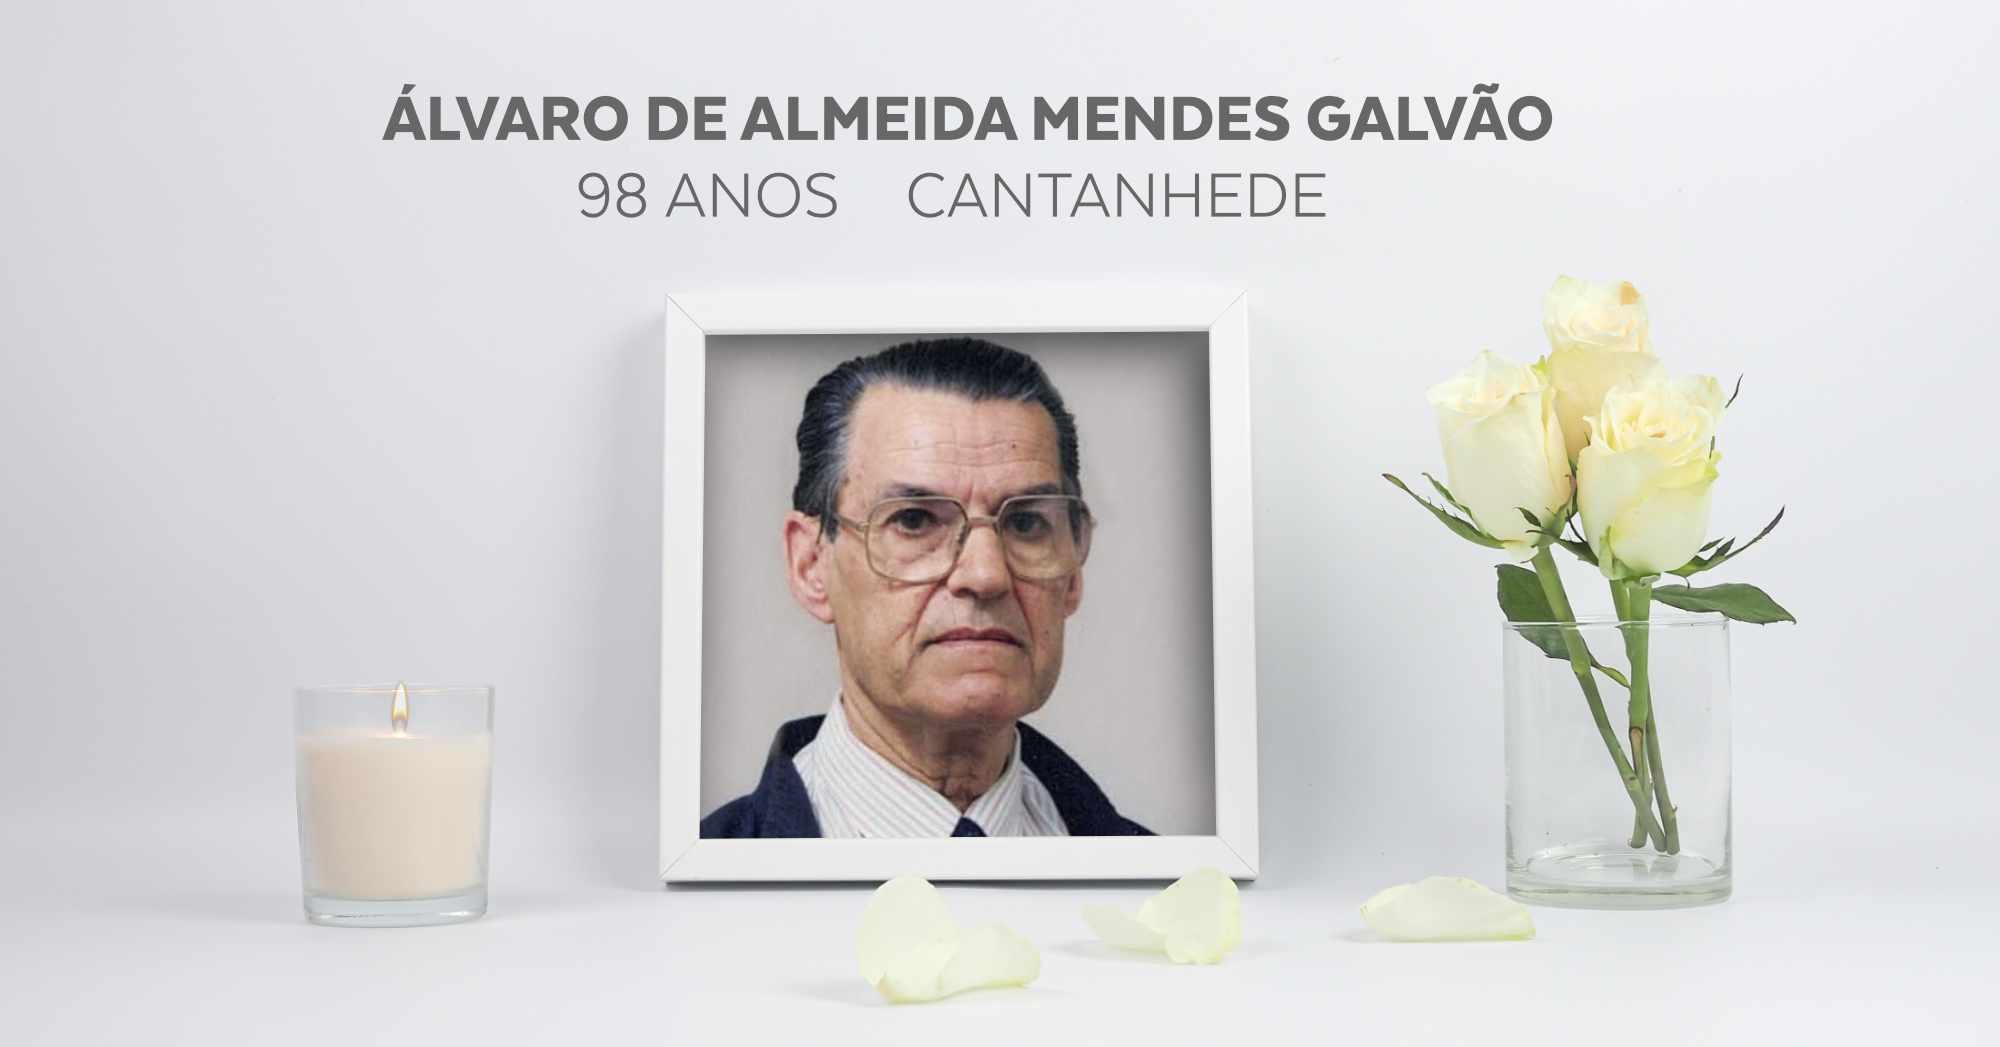 Álvaro de Almeida Mendes Galvão